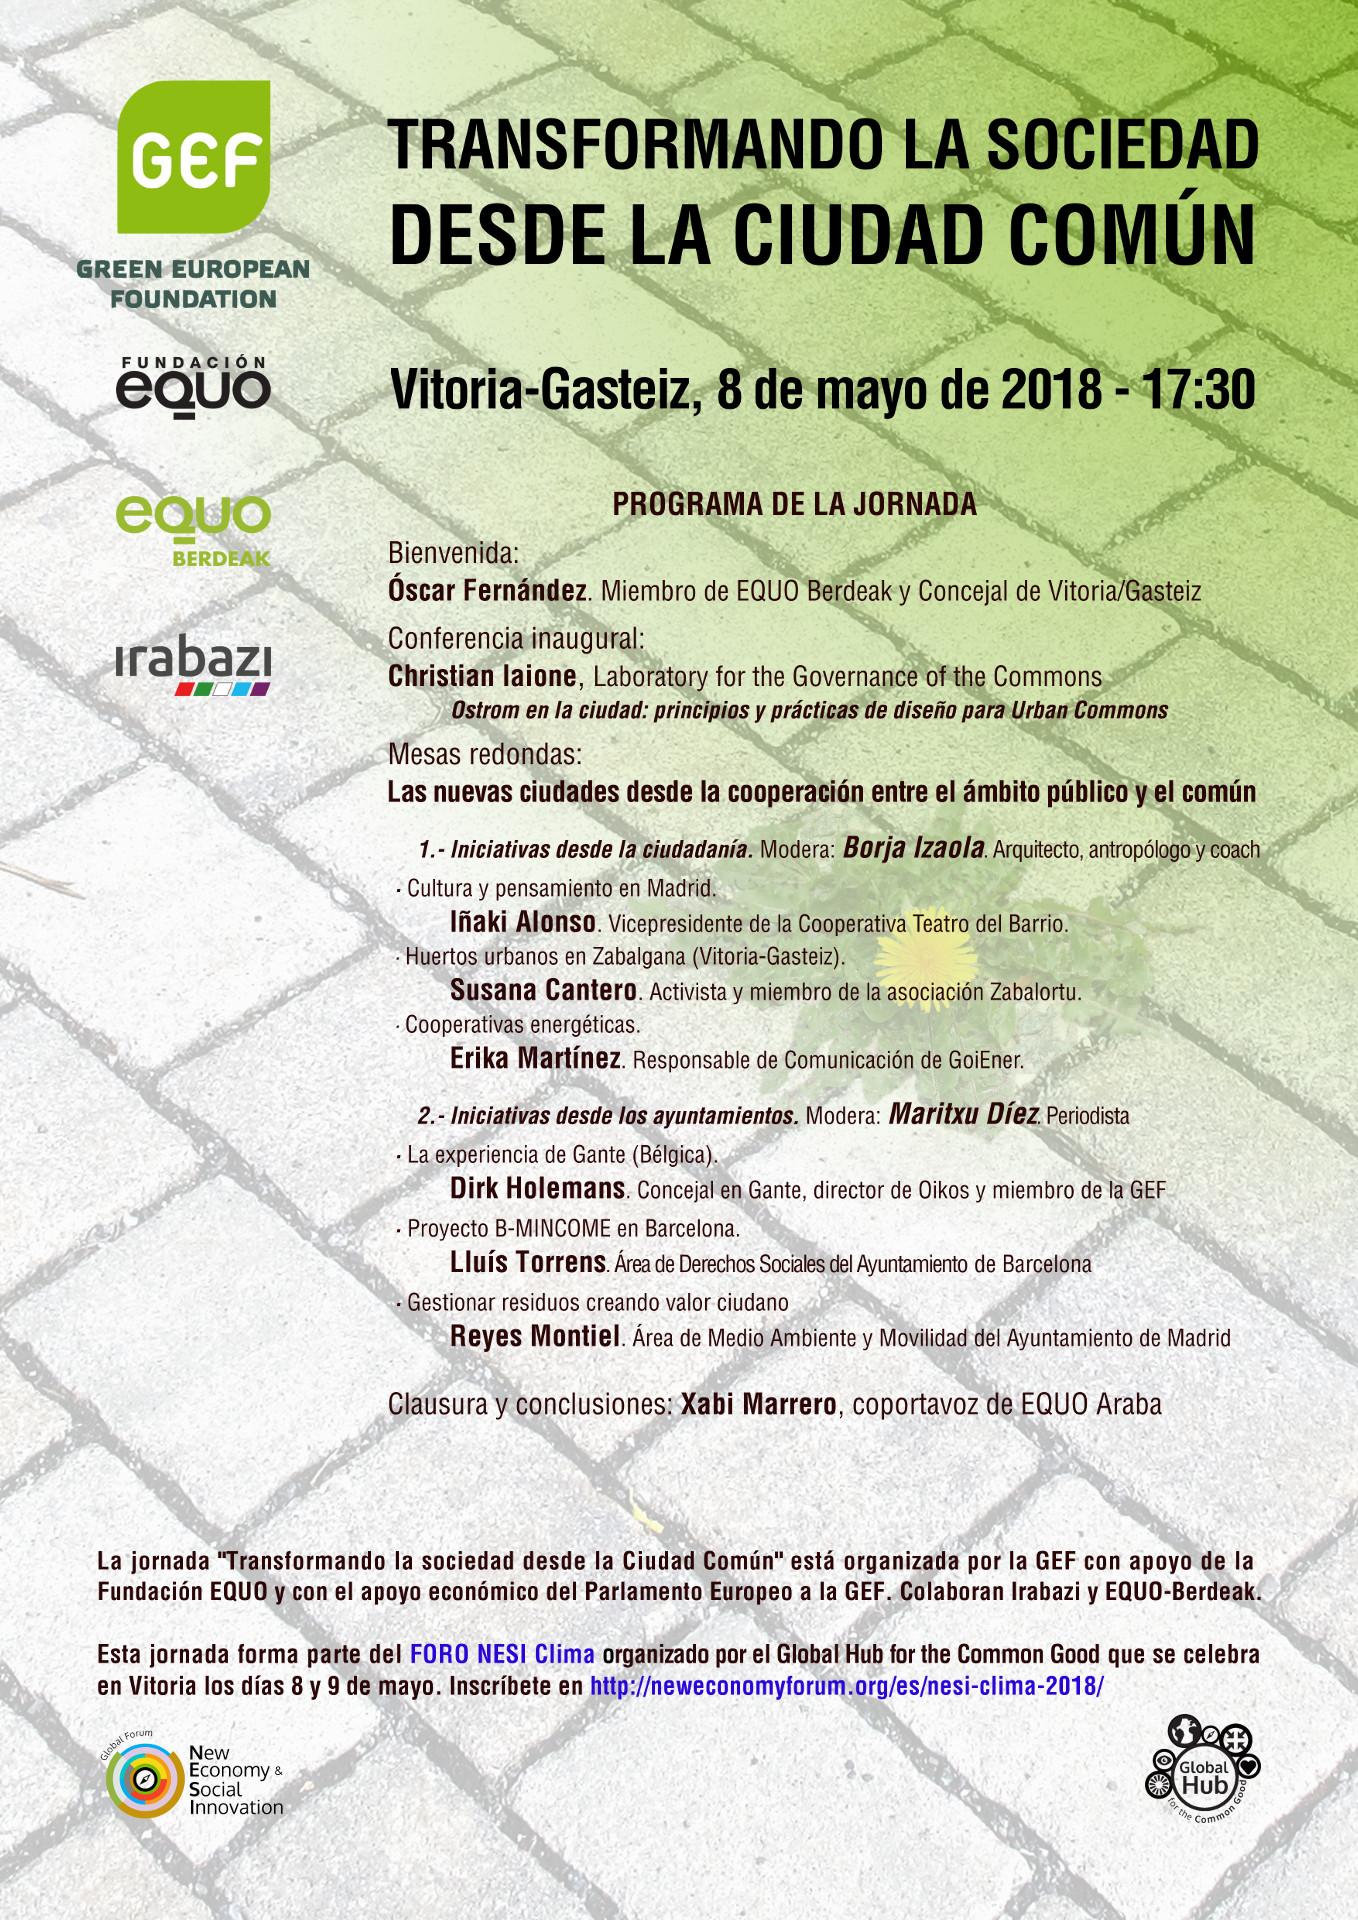 Transformando la sociedad desde la ciudad común. Vitoria-Gasteiz, 8 de mayo